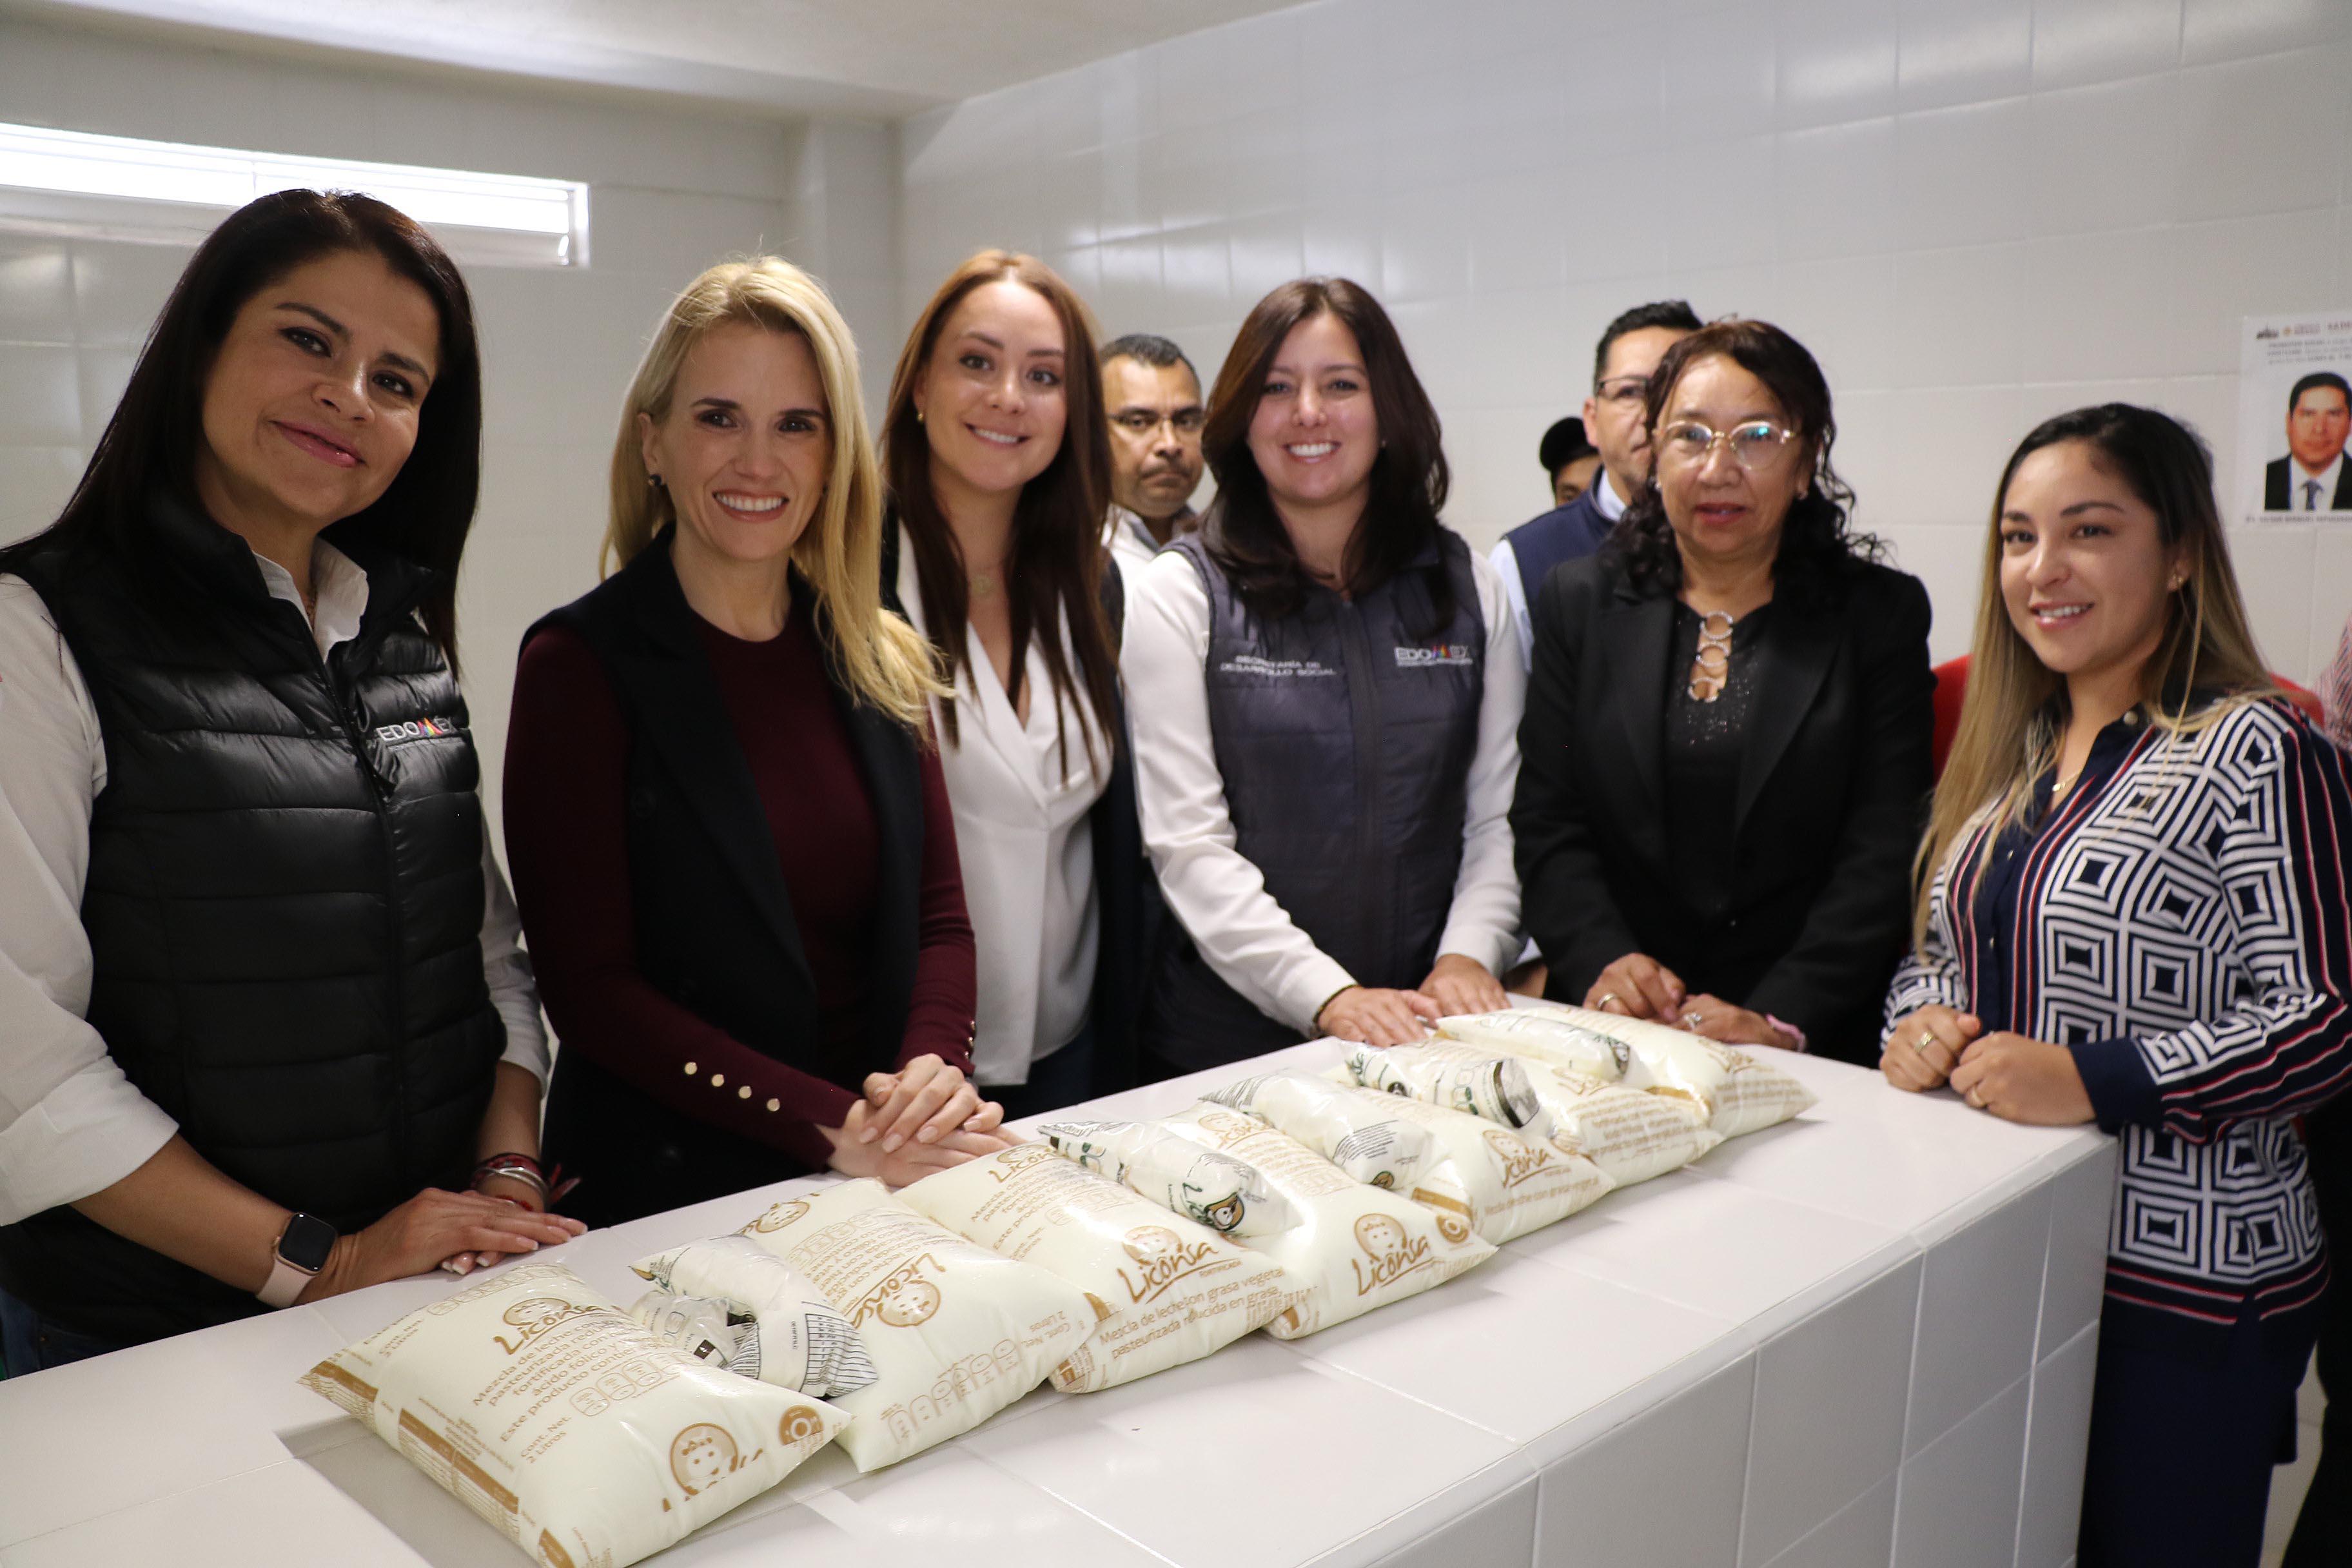 La presidenta del DIF Huixquilucan Romina Contreras entrega dos lecherías